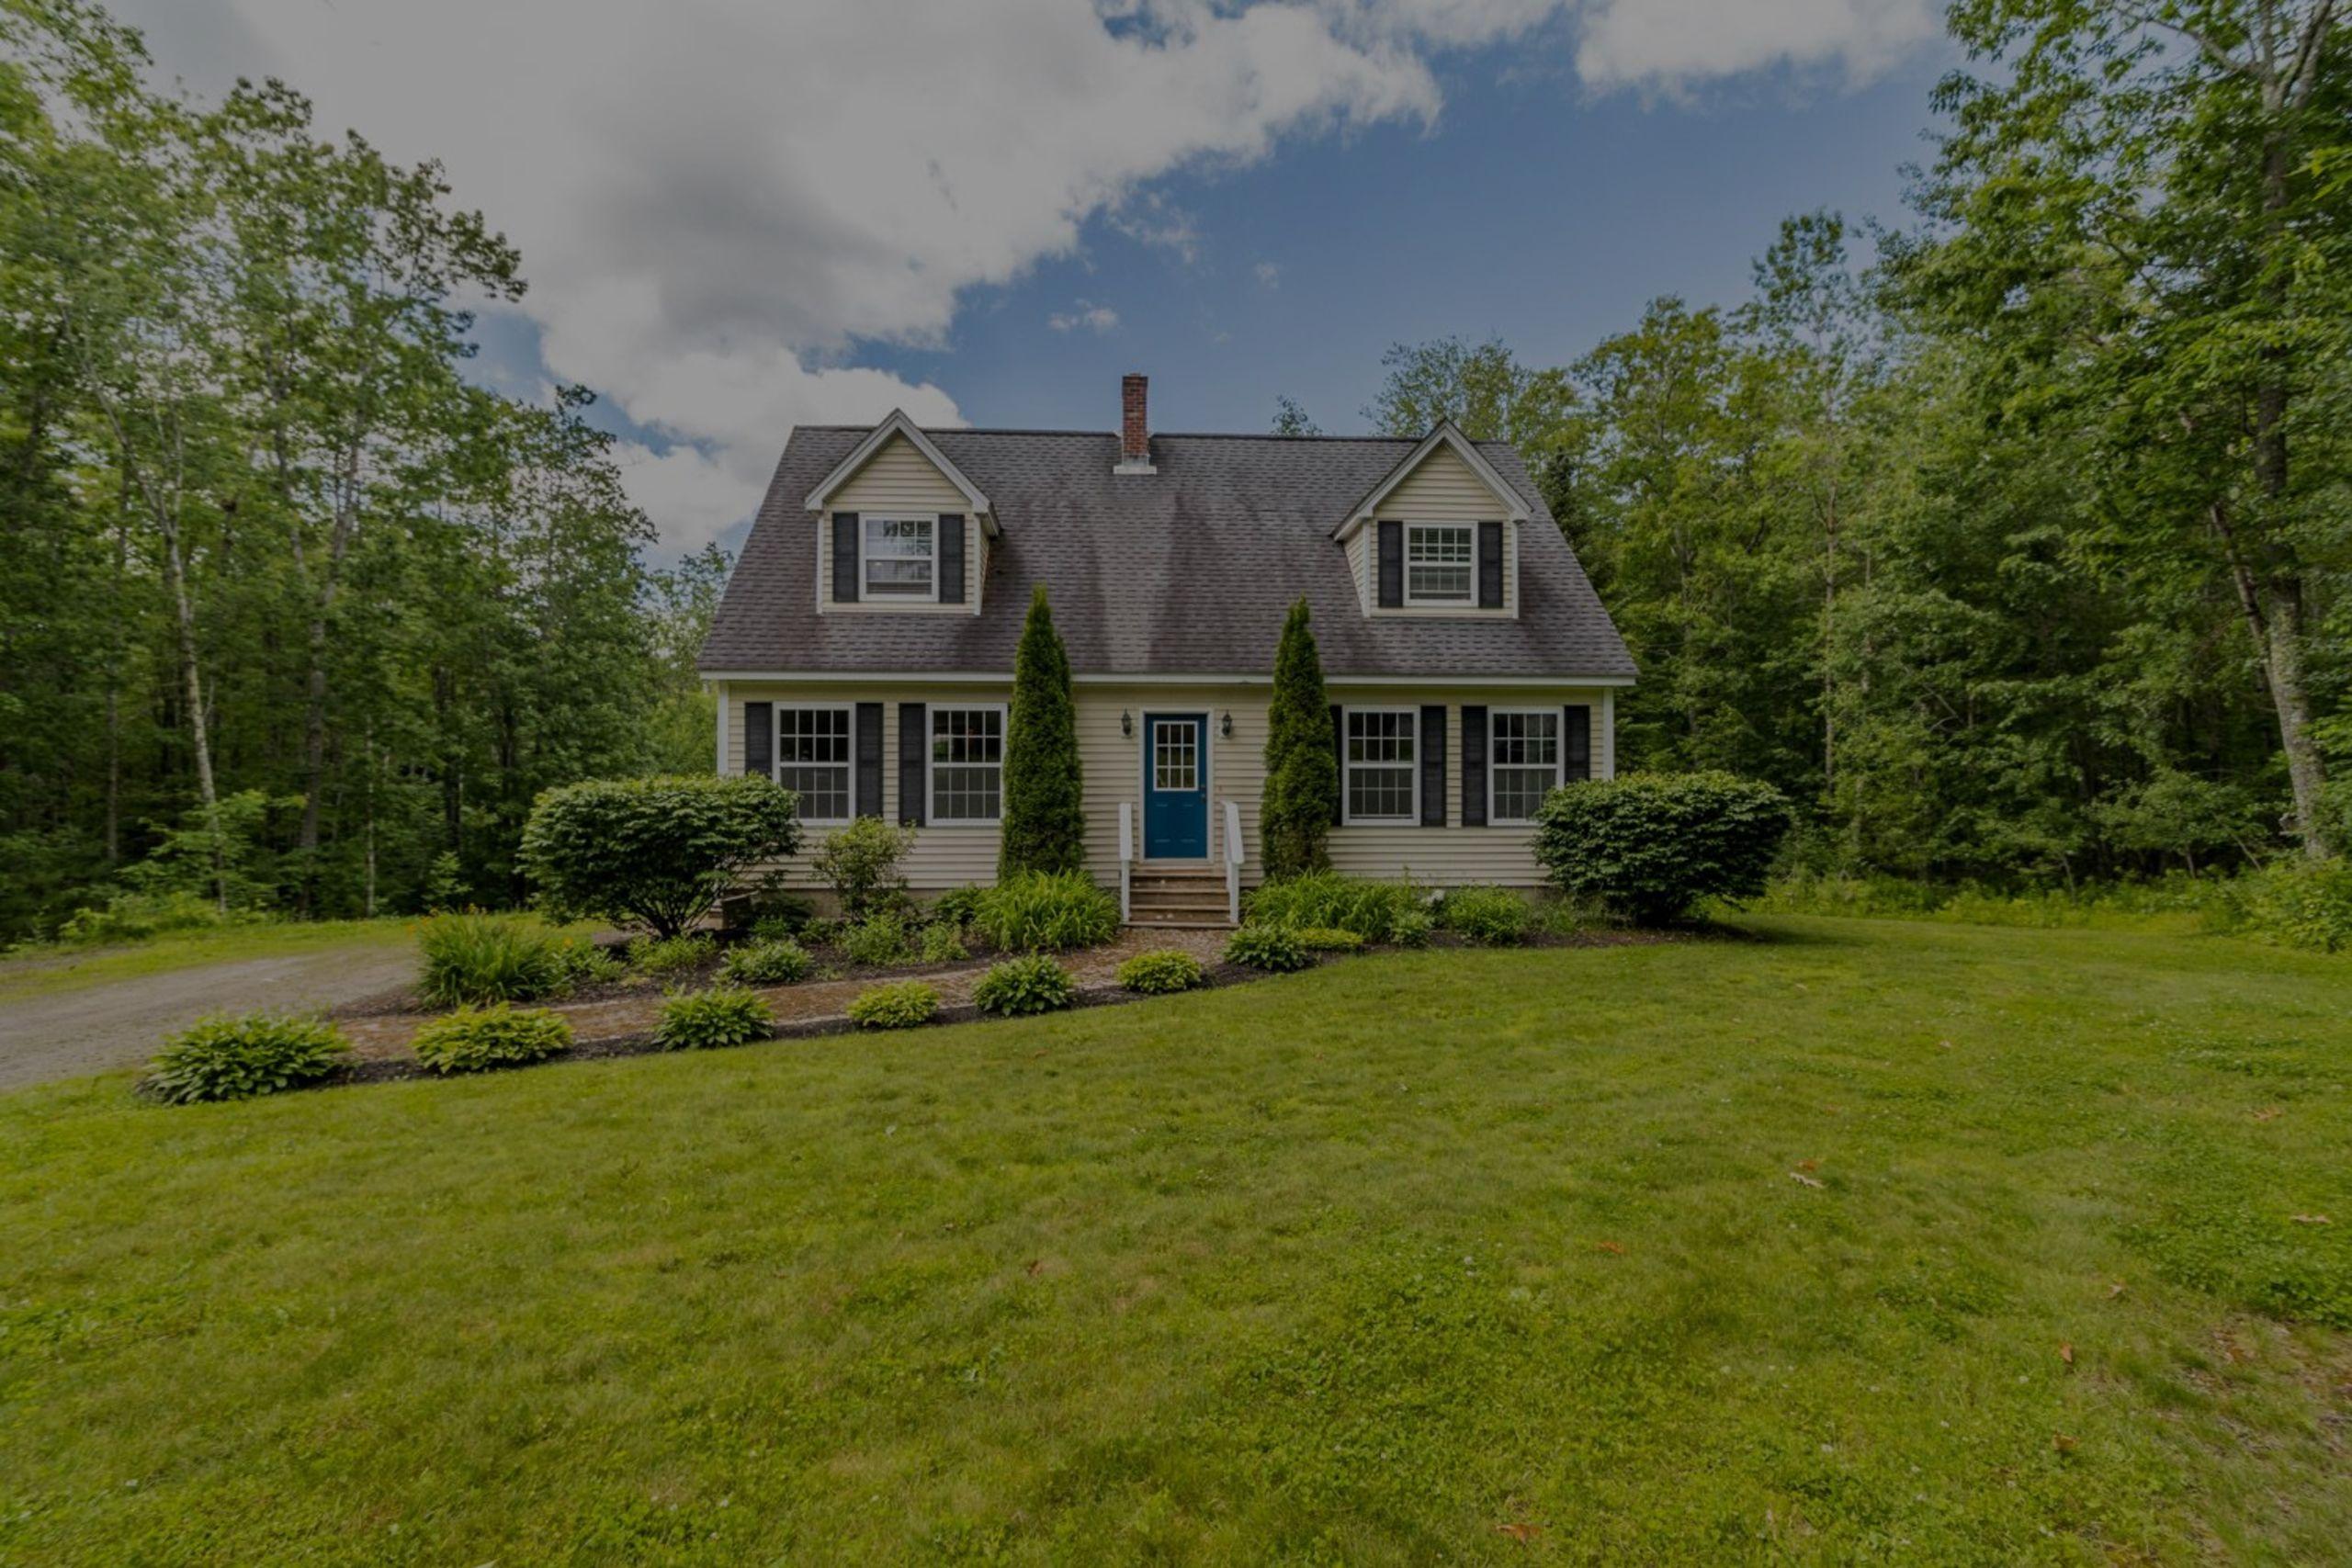 255 Arboretum Park Drive, Warren; Cape style home